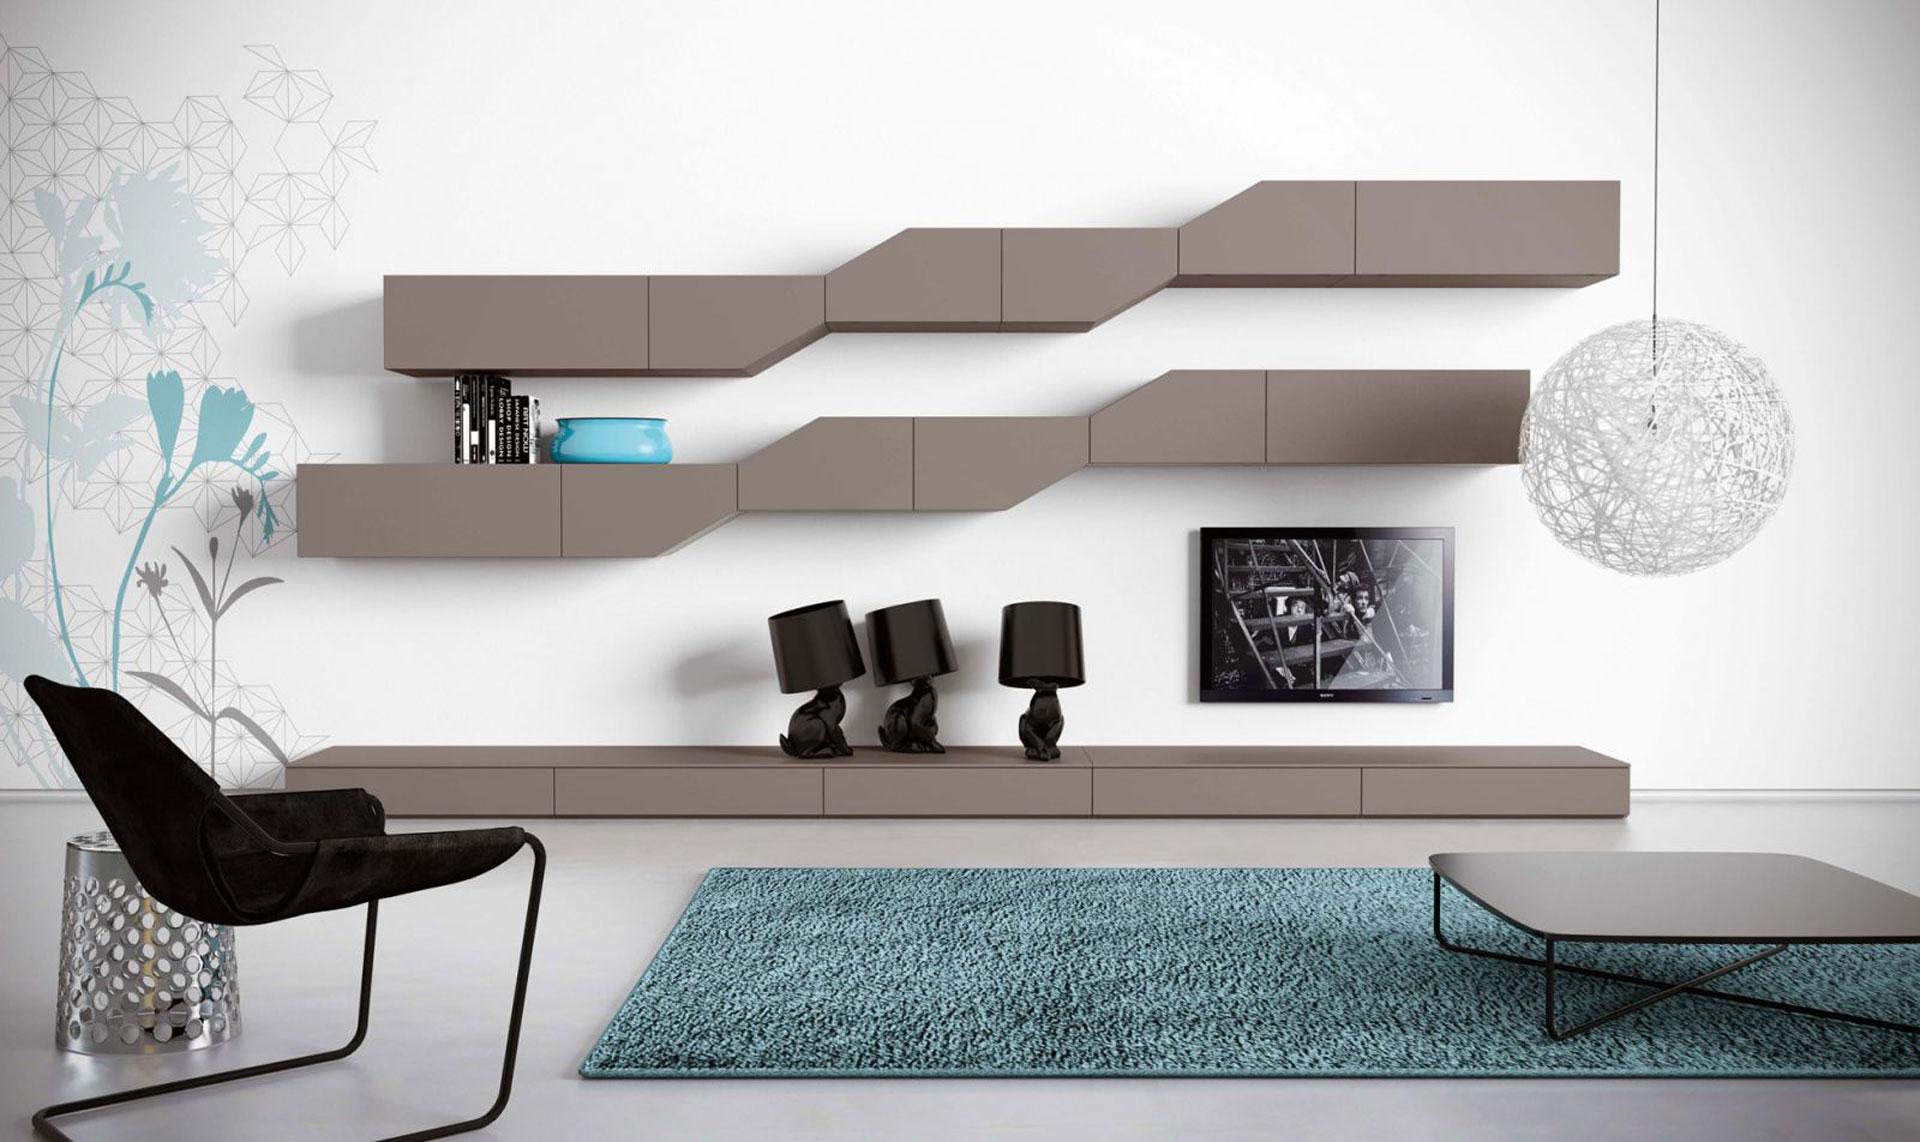 Zona giorno divani olbiarreda arredamenti in sardegna for Parete attrezzata design moderno